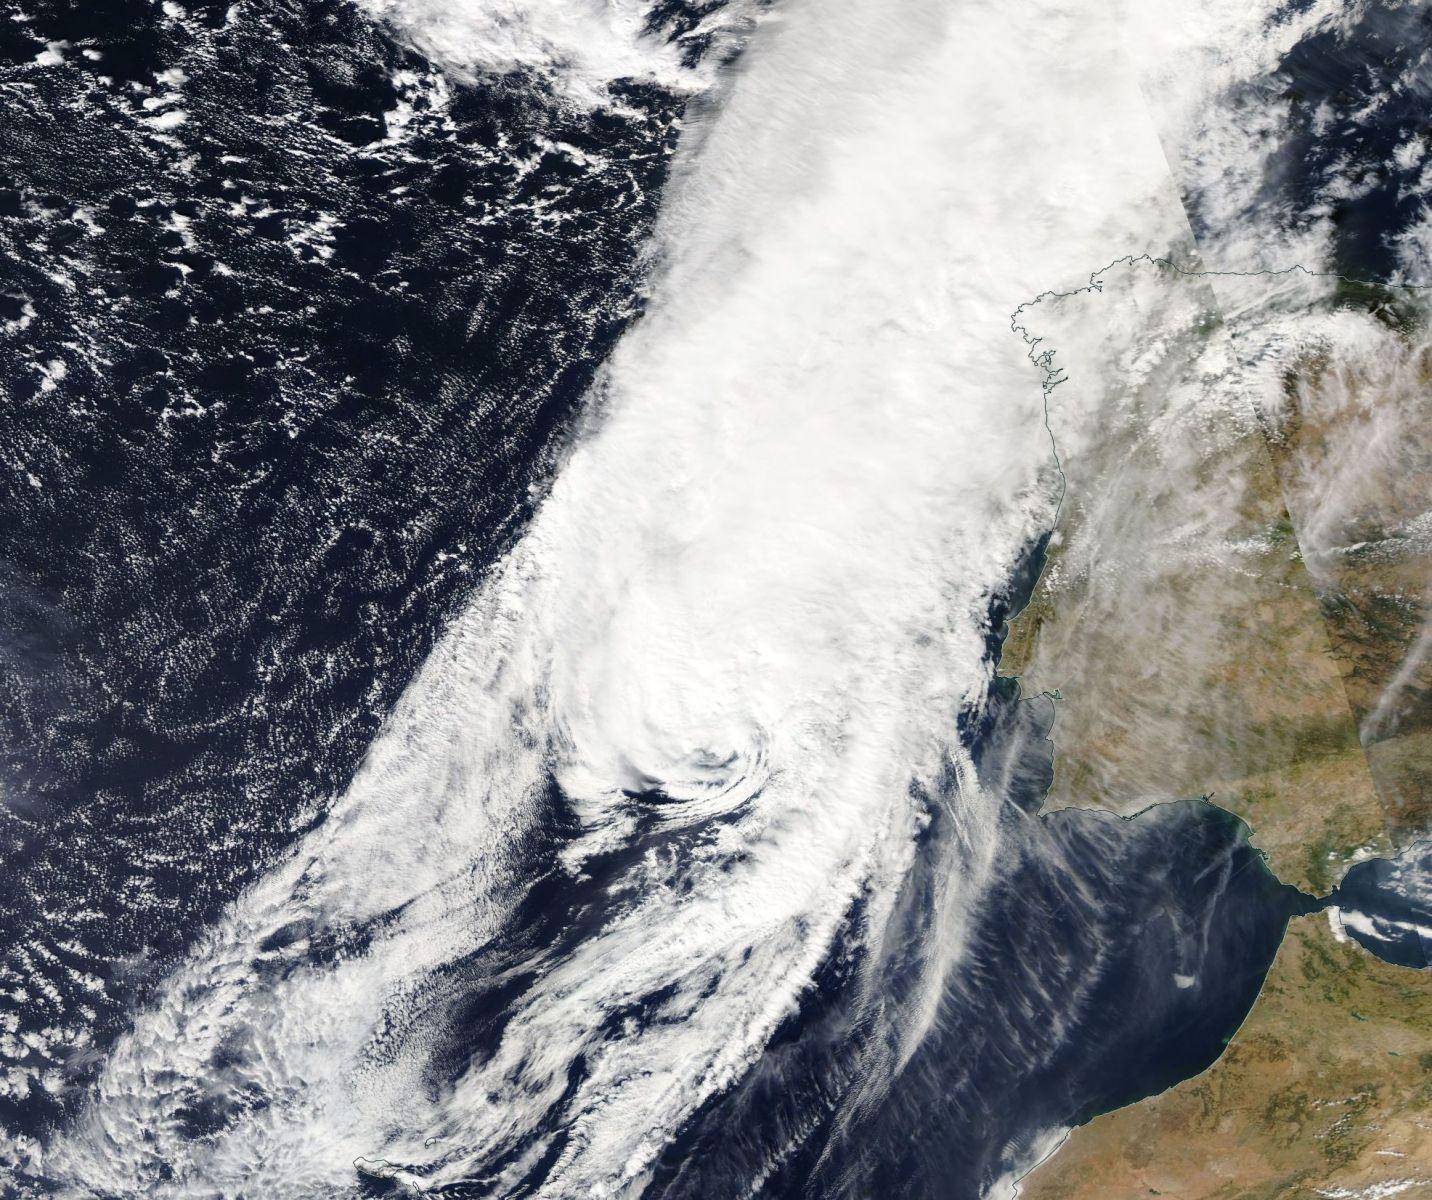 Image d'illustration pour Le cyclone Leslie aux portes de l'Europe